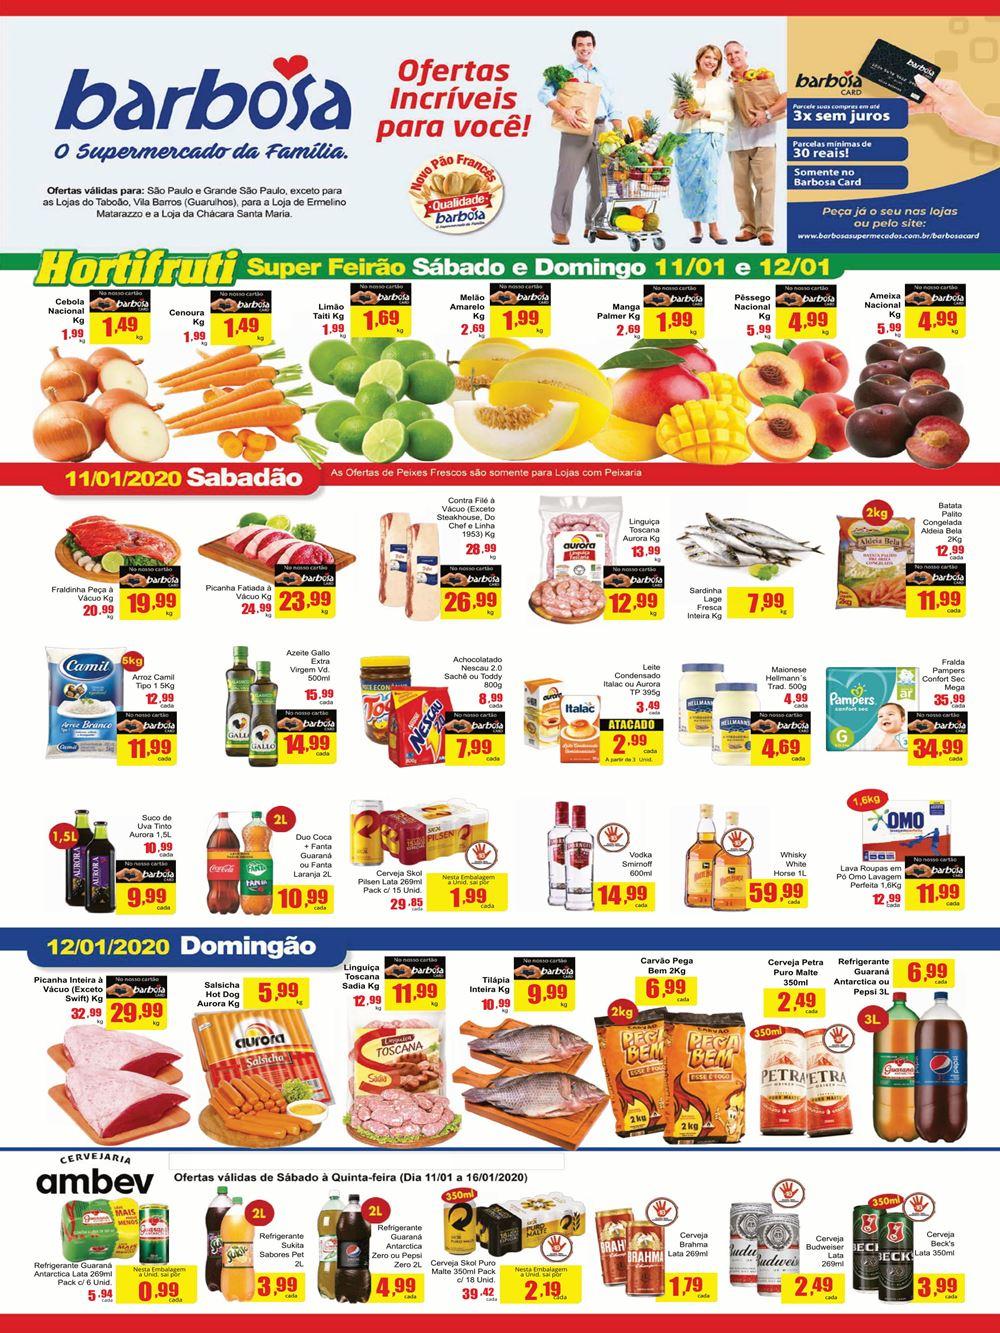 barbosa-Ofertas-tabloide1 Barbosa Supermercados Ofertas Incríveis para você até 16 de Janeiro